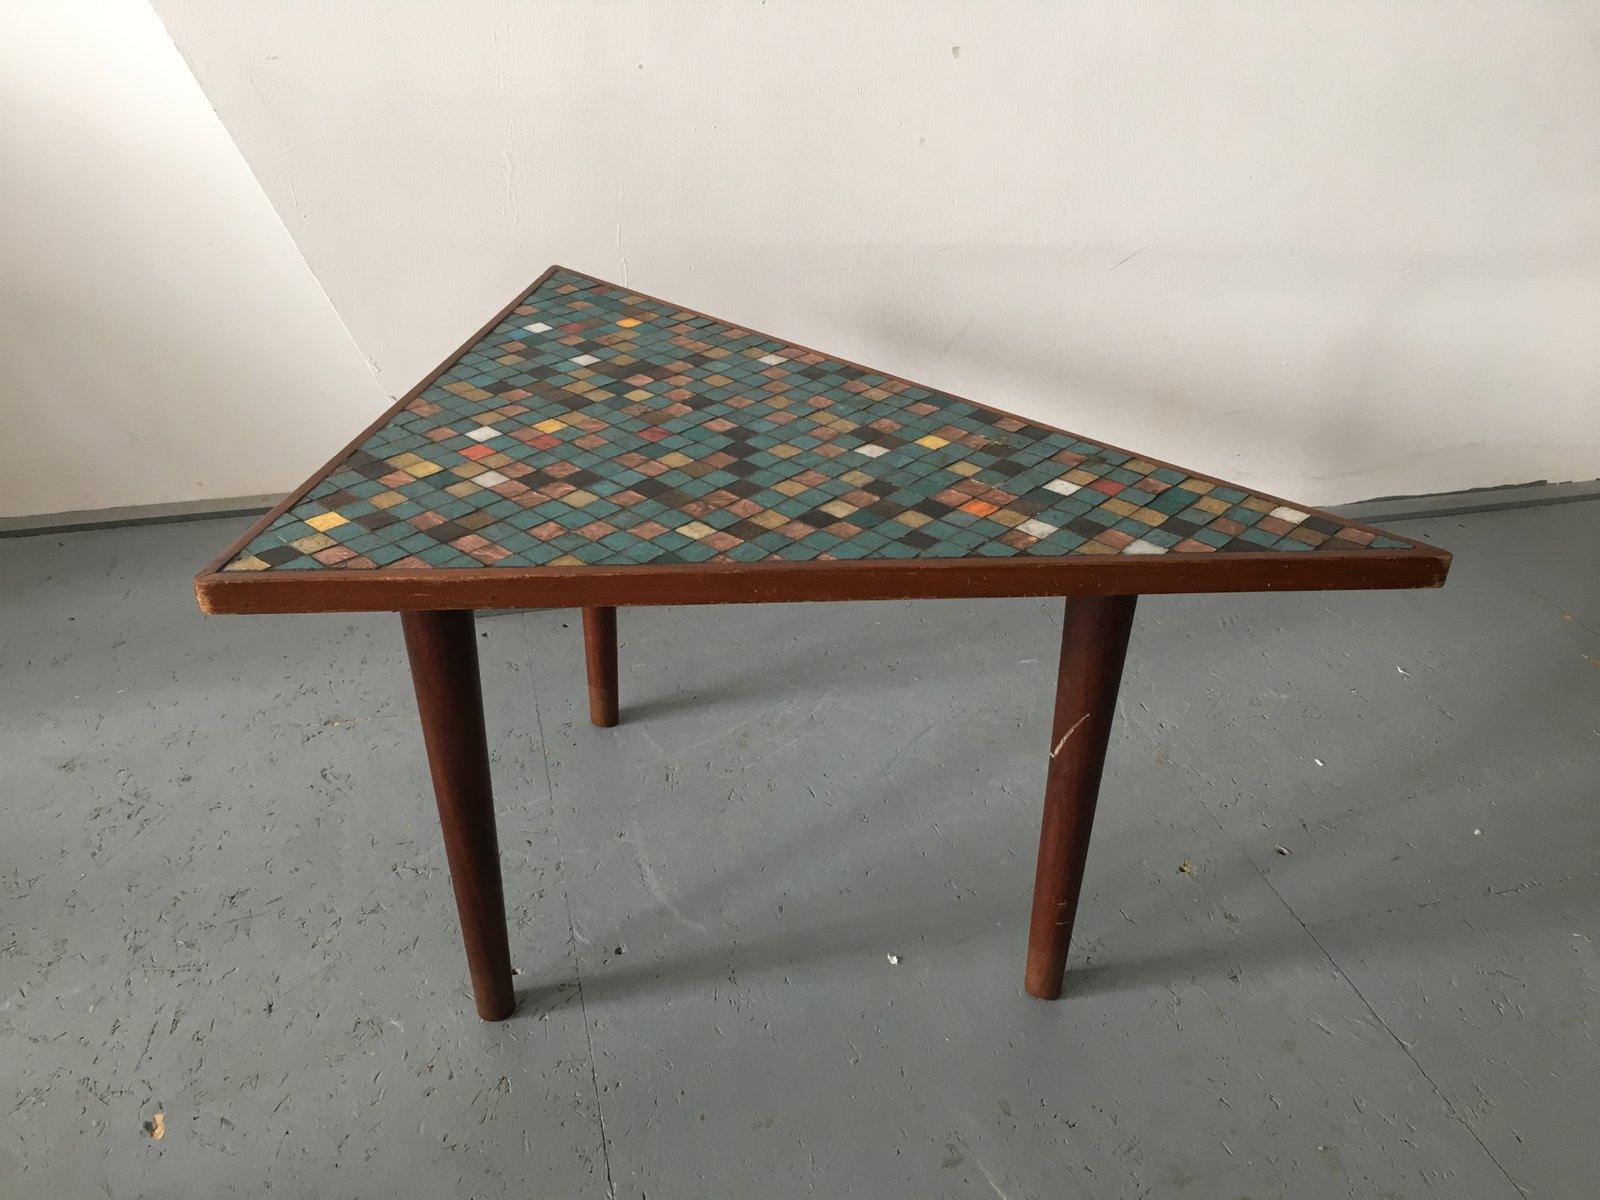 Vintage Couchtisch aus Holz & Mosaik